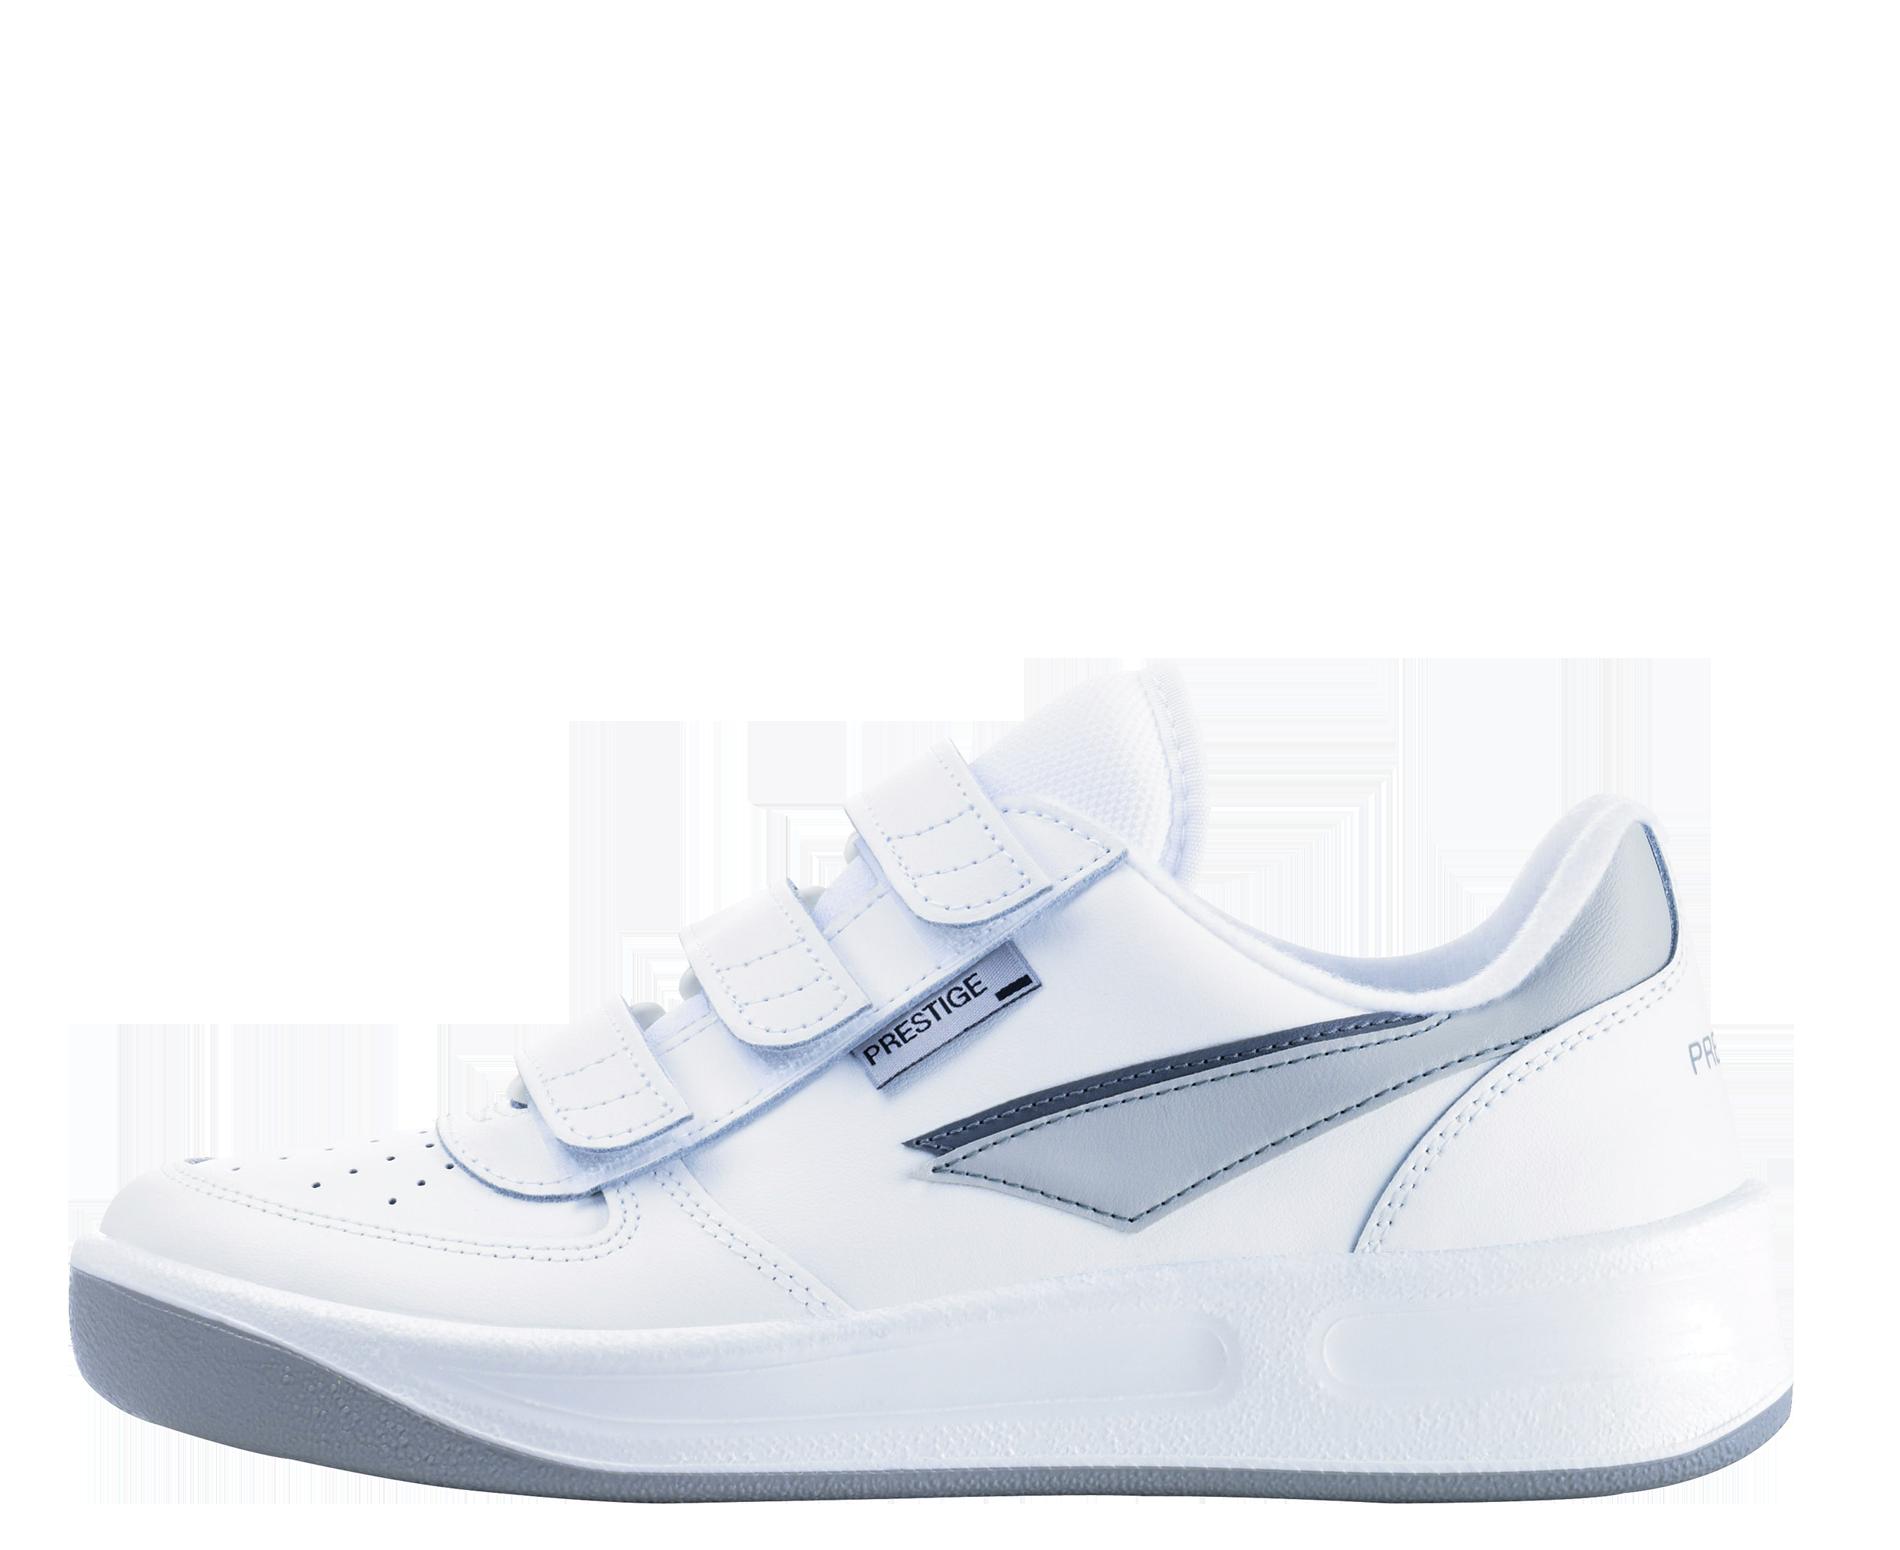 b8114f67b2 biela voľnočasová a pracovná obuv moderného a športového dizajnu PREST